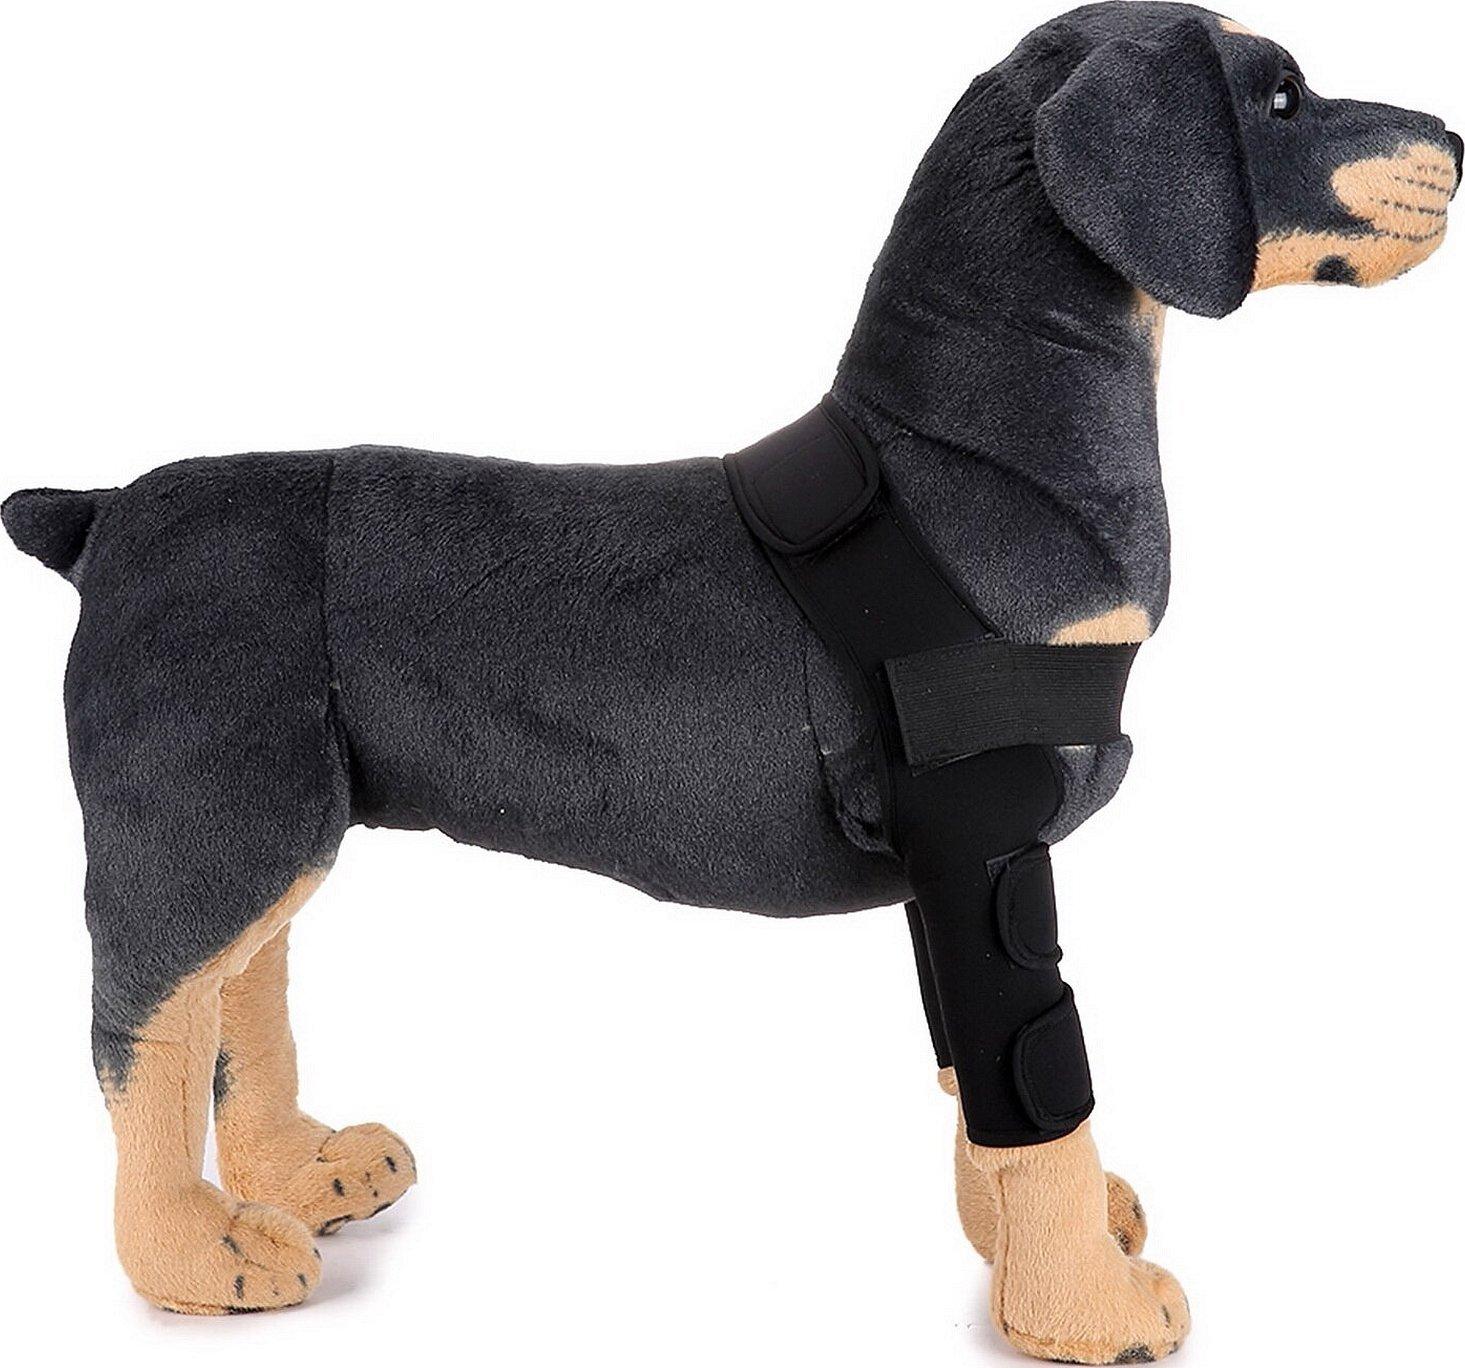 Налокотники для собаки выкройка